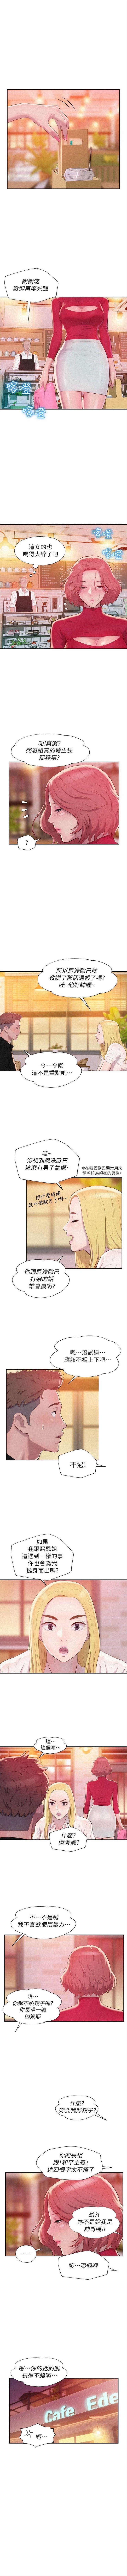 新生淫乱日记 1-61完结(中文) 195